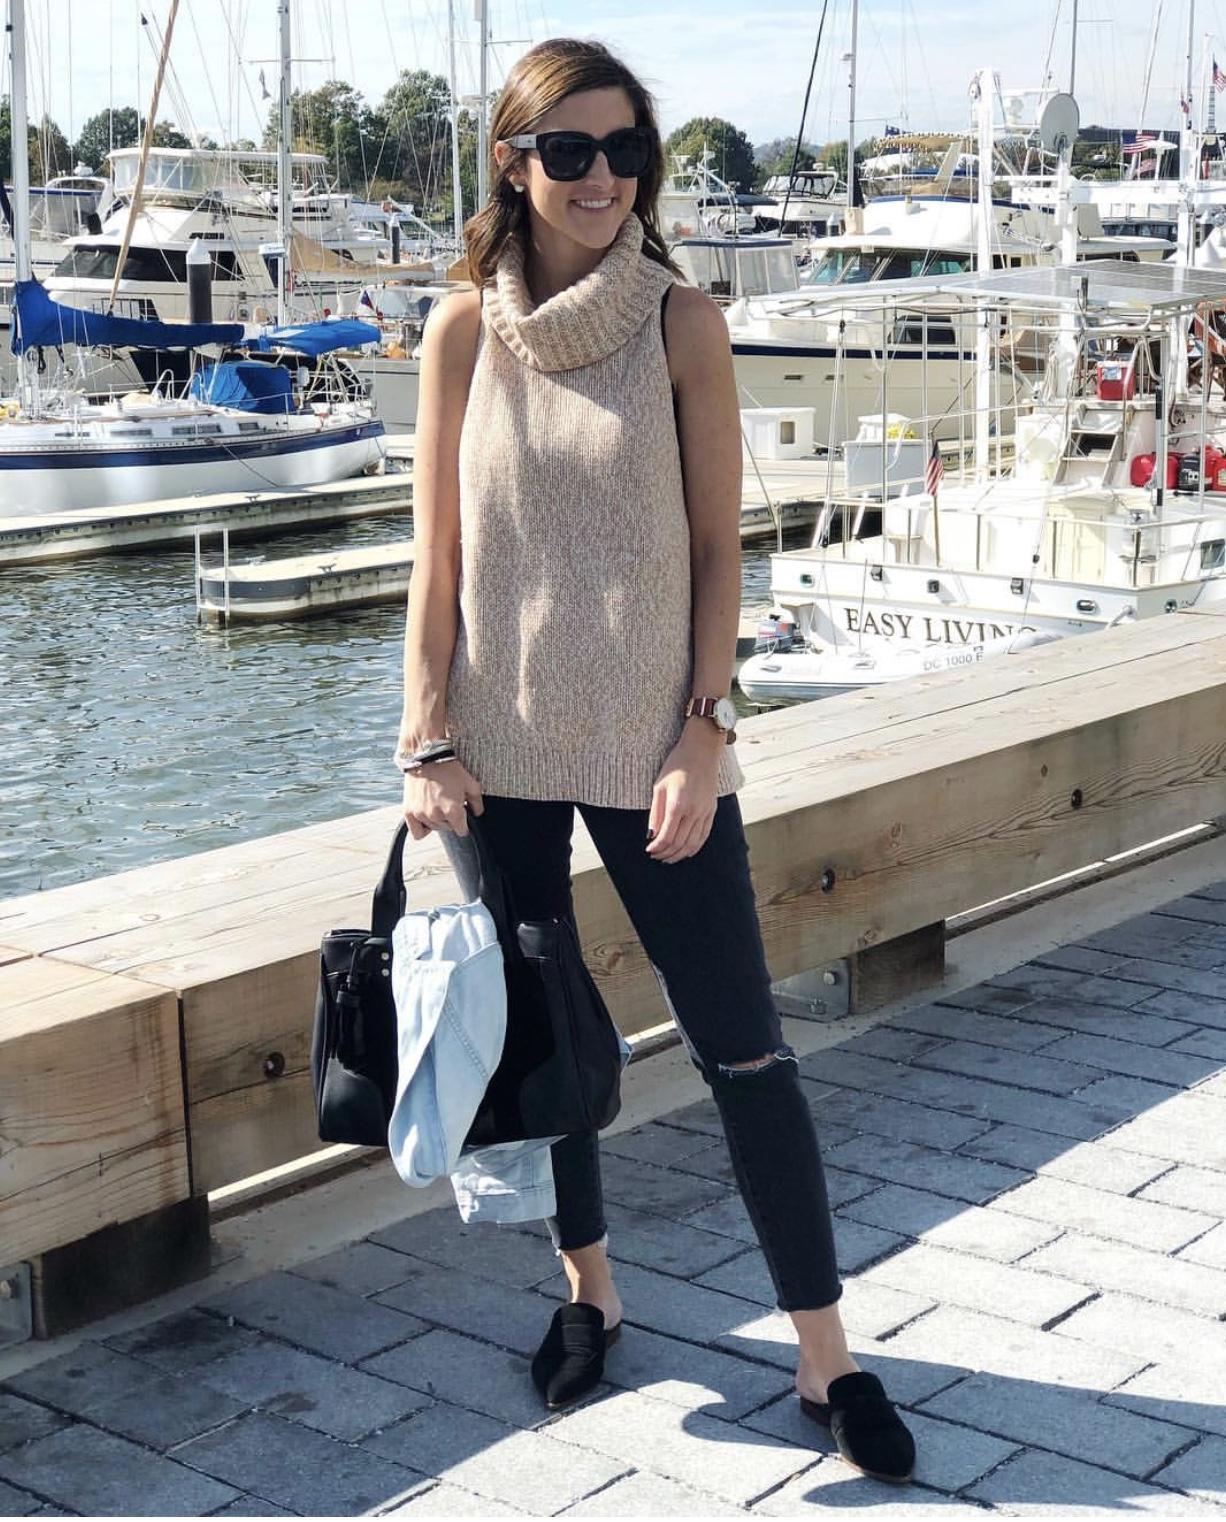 Sleeveless Turtleneck Sweater - Instagram Fashion Lately by Washington DC fashion blogger Cobalt Chronicles